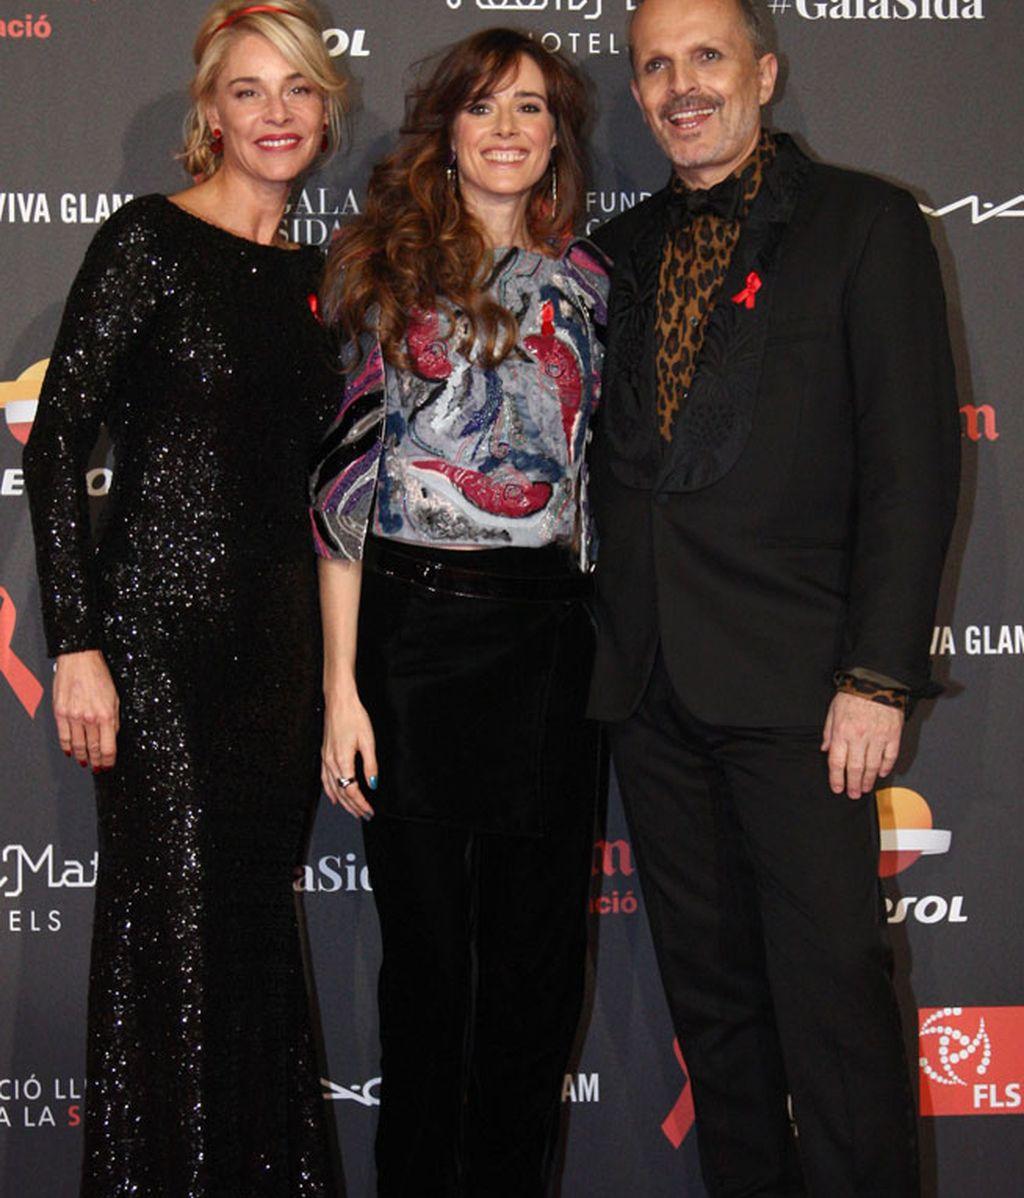 La actriz Pilar López de Ayala, con pelo largo y rizado, no quiso faltar a la gala